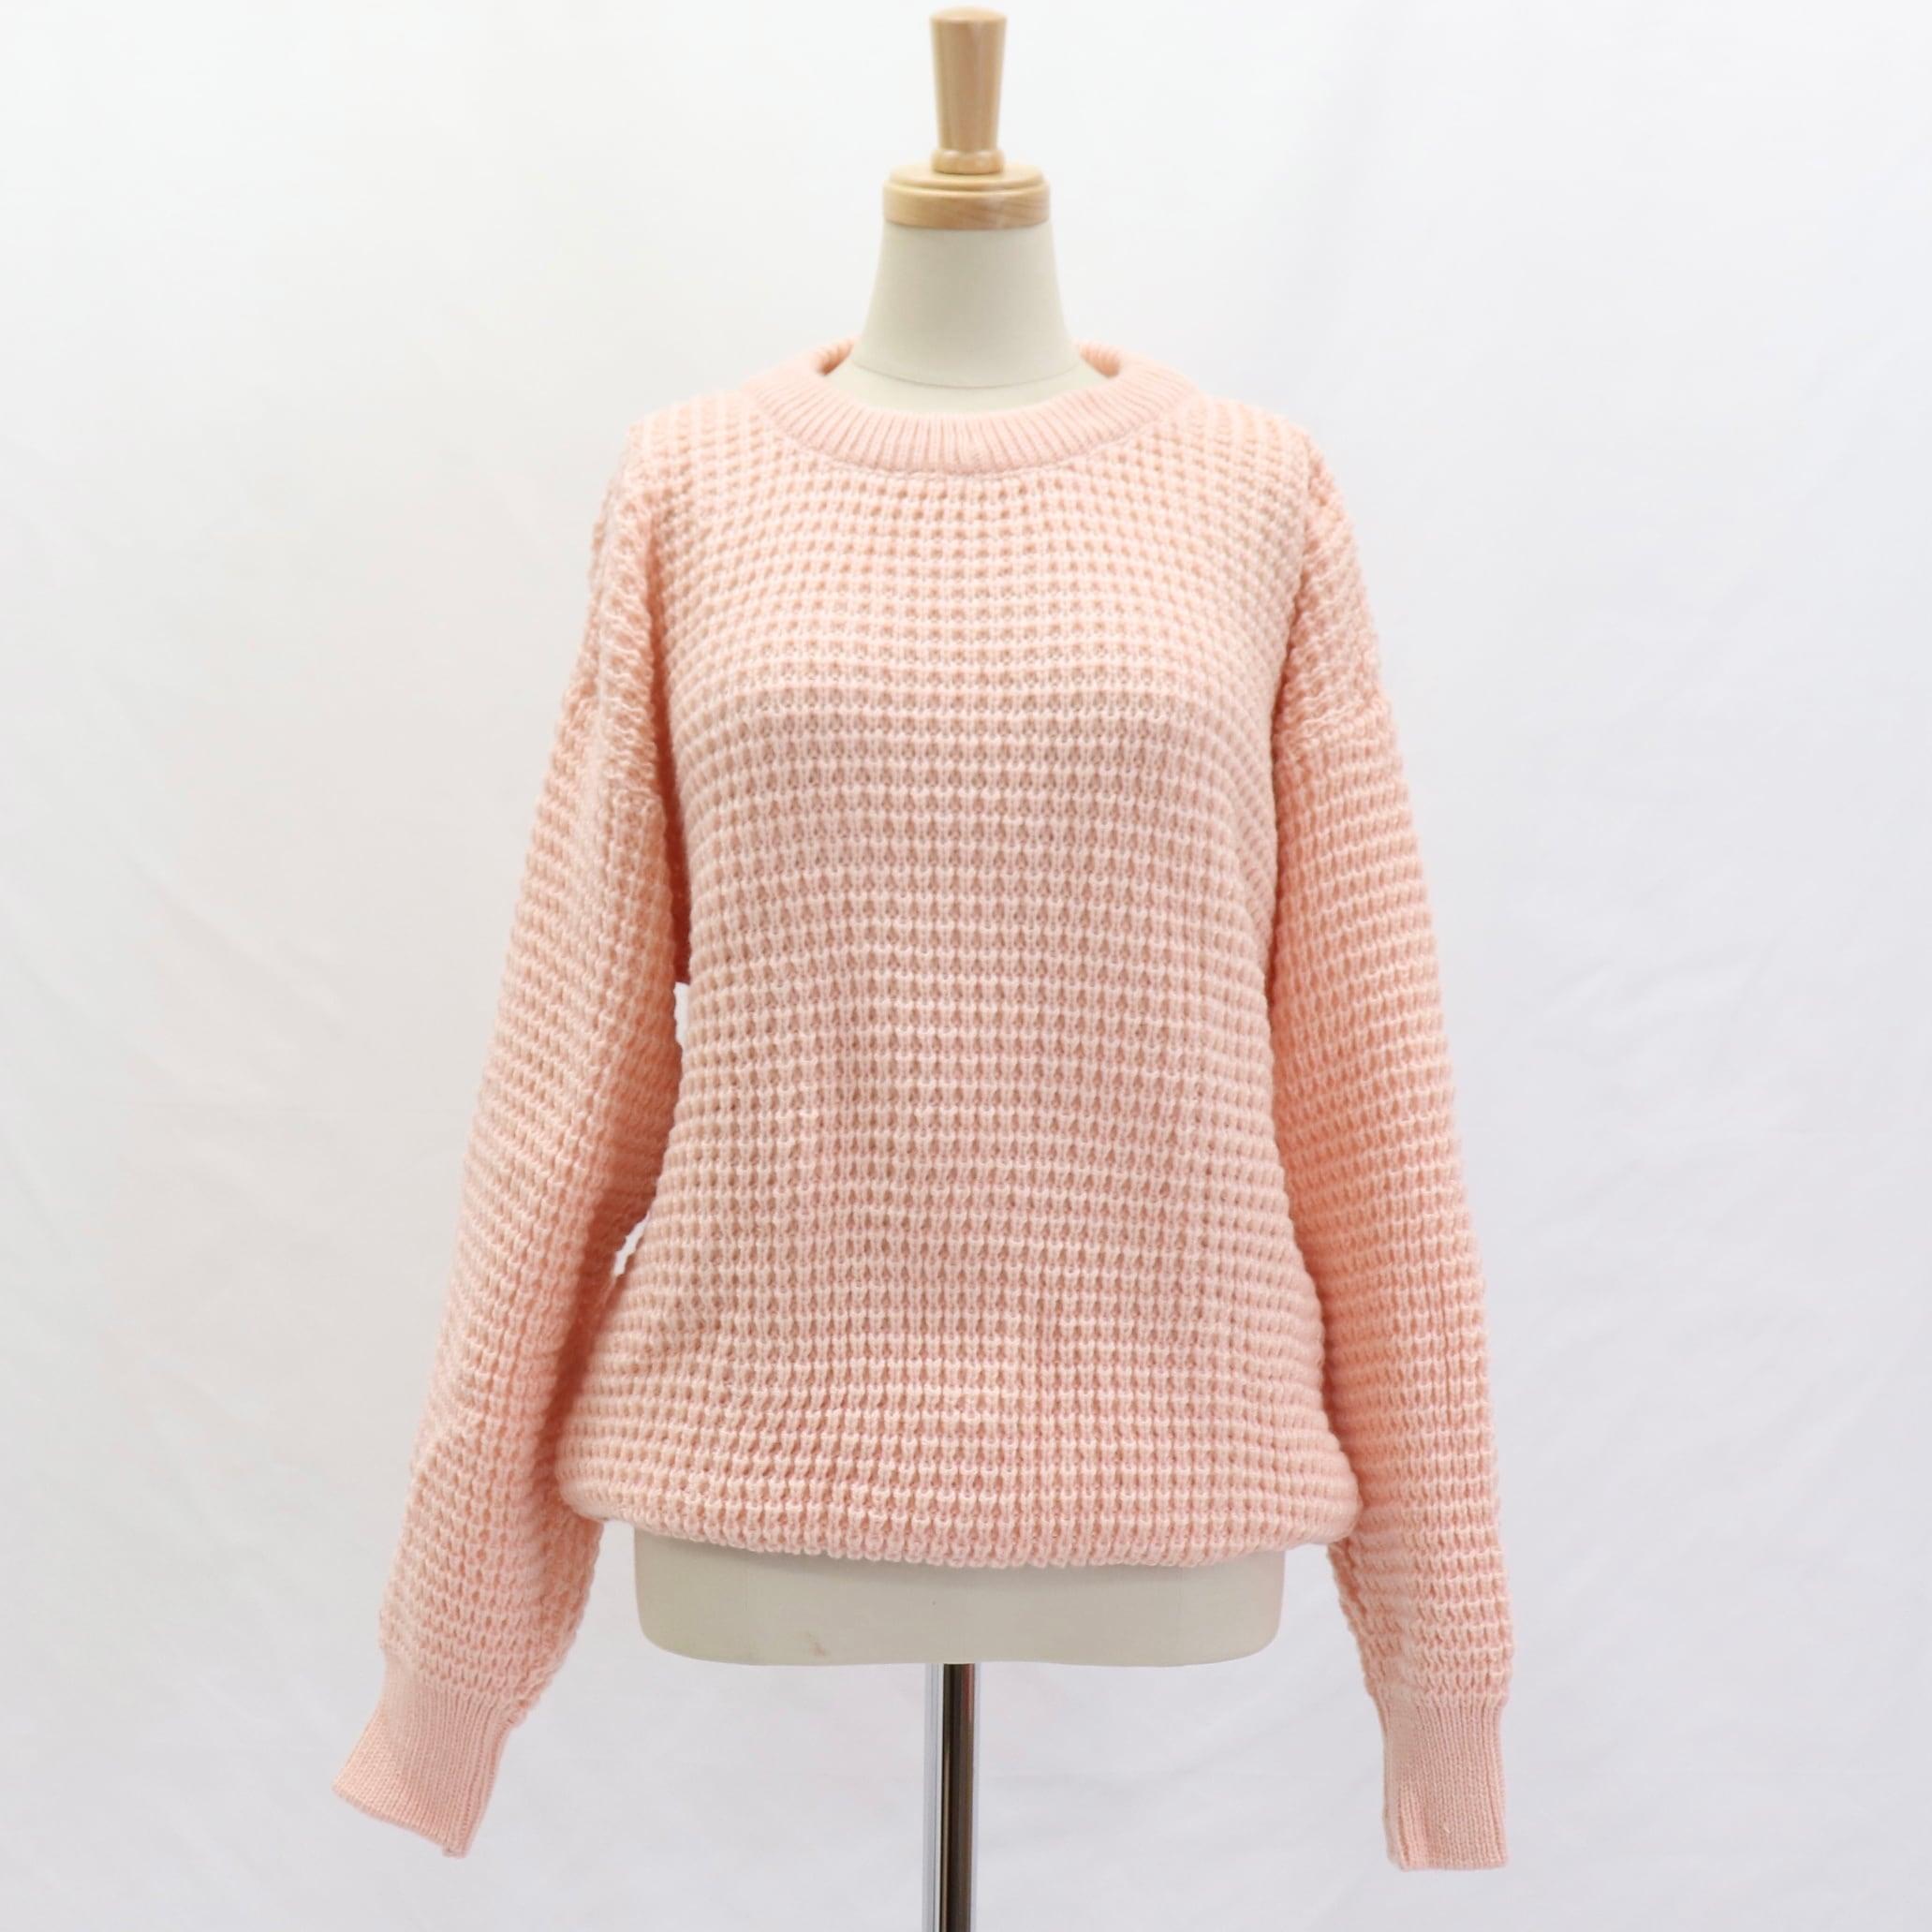 Dead Stock 80's Euro 【 MODZ】Knit Sweater 80年代 ユーロ イタリア デッドストック ニット セーター ピンク